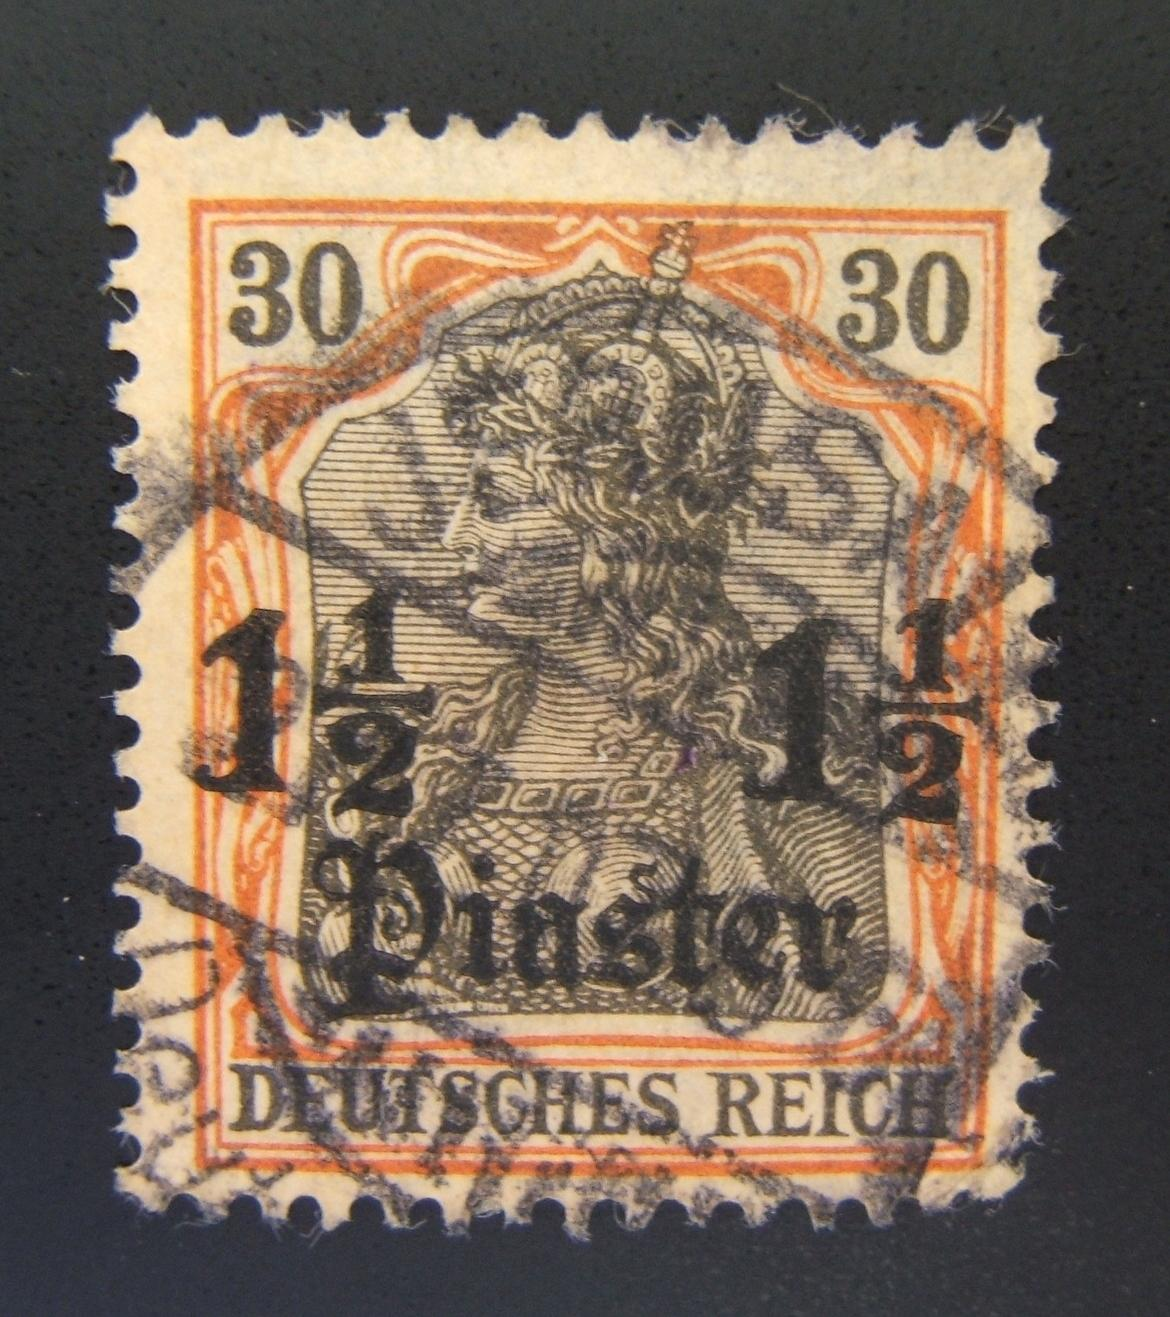 Deutsche Post Heiliges Land: 1905 Deutsches Reich 1 1/2 Pia auf 30 Pf ohne Wasserzeichen; Jer. Postmarke G-2-Ba 405